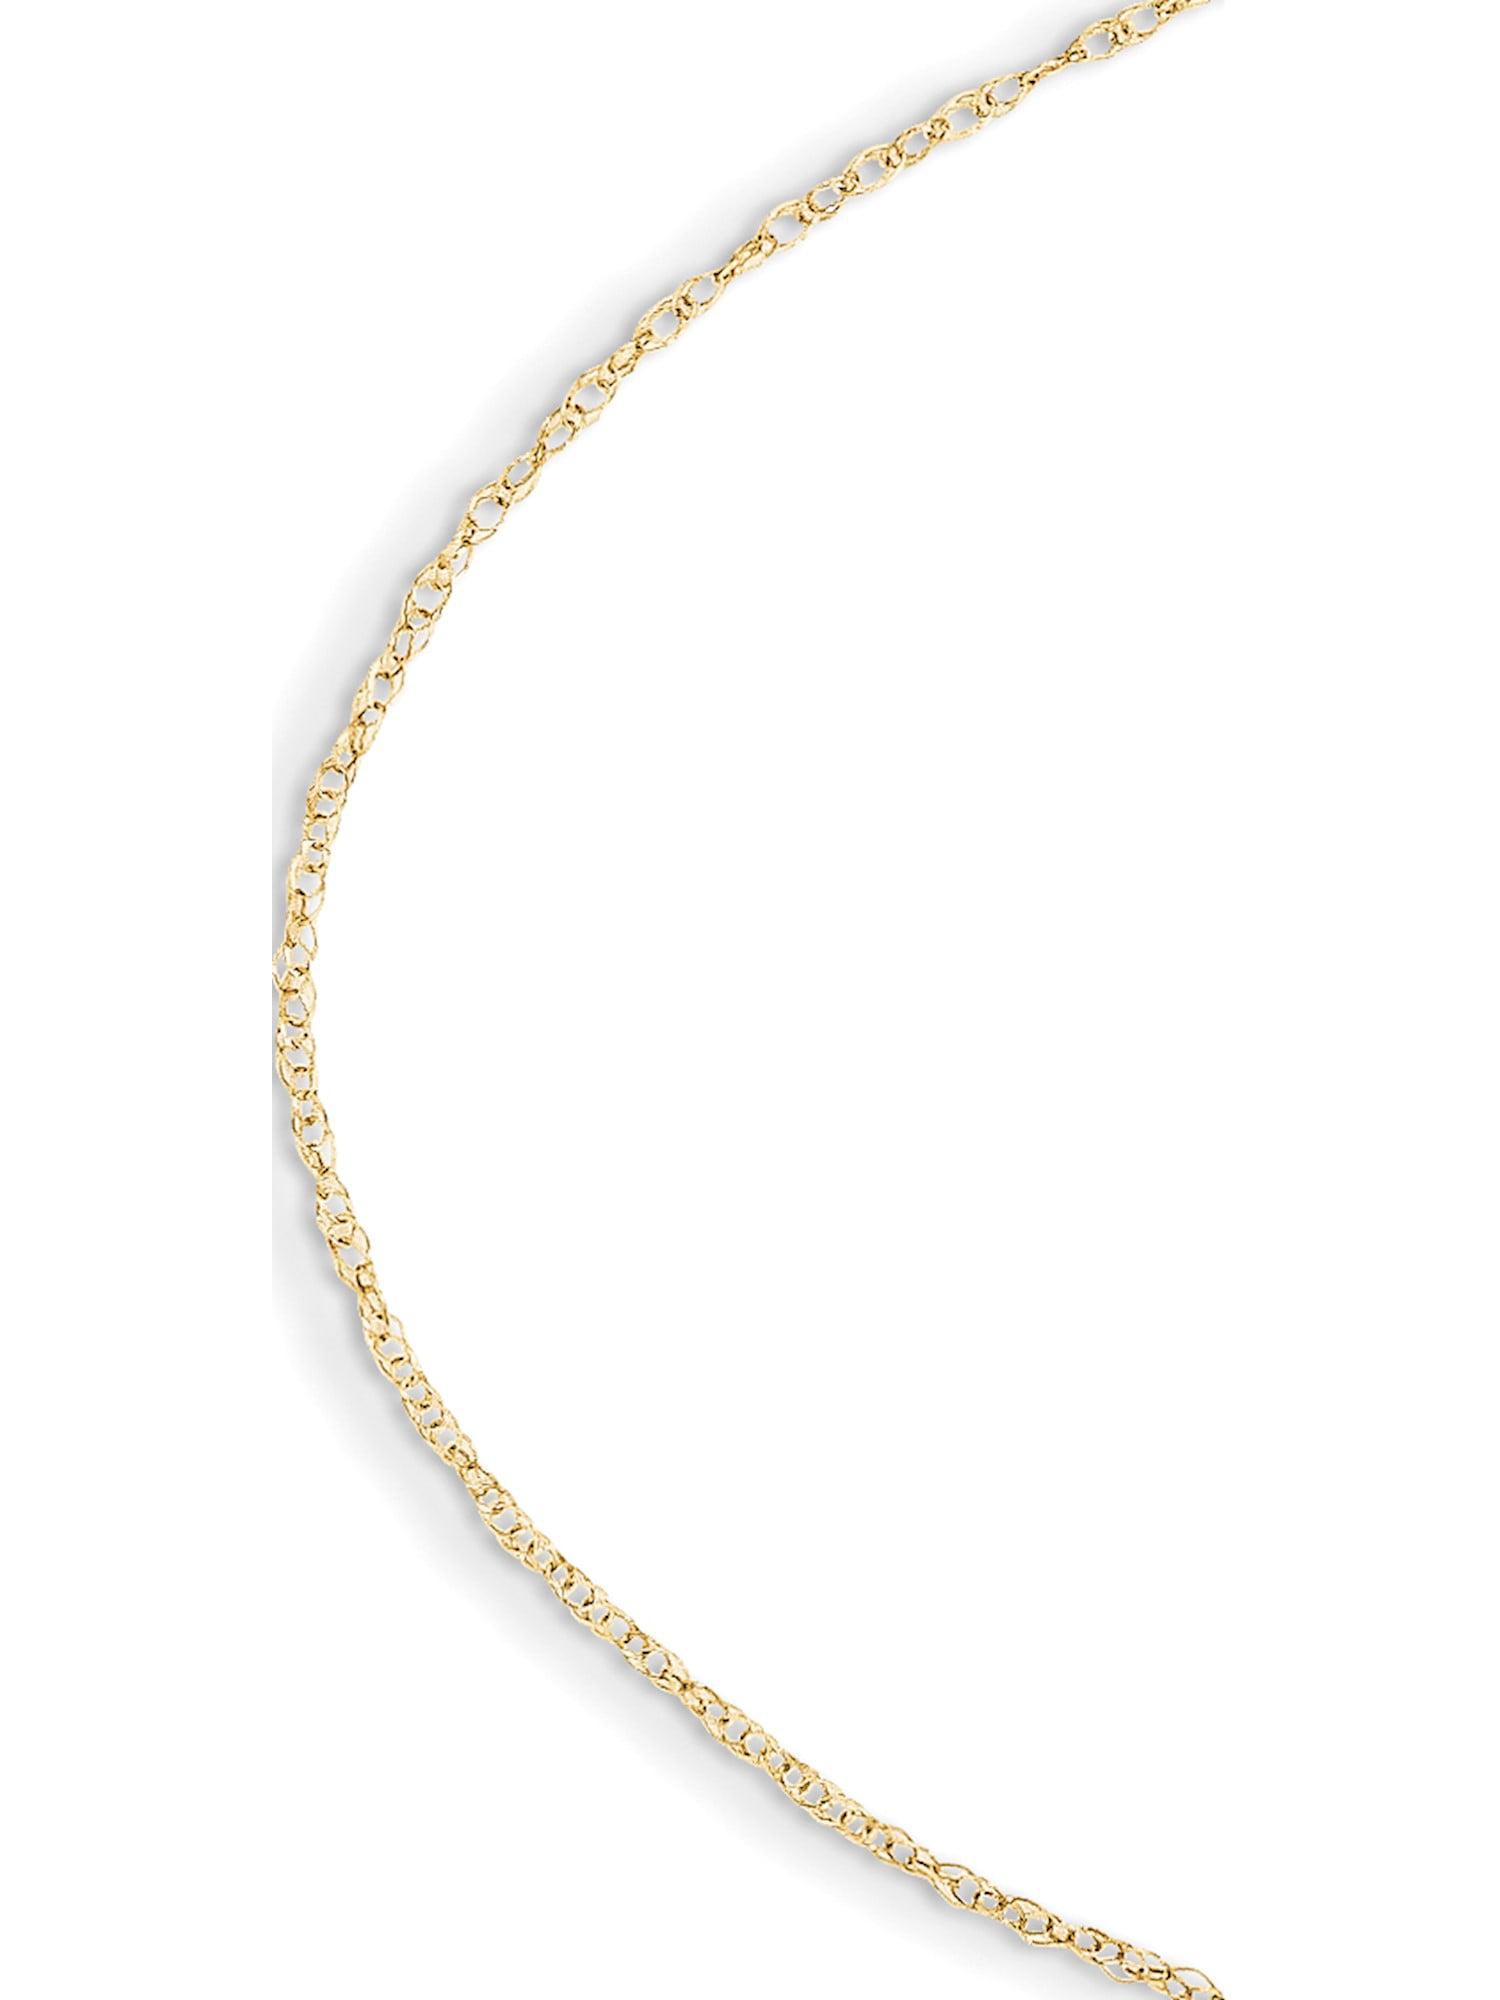 14k Yellow Gold Madi K Child's Rope Chain